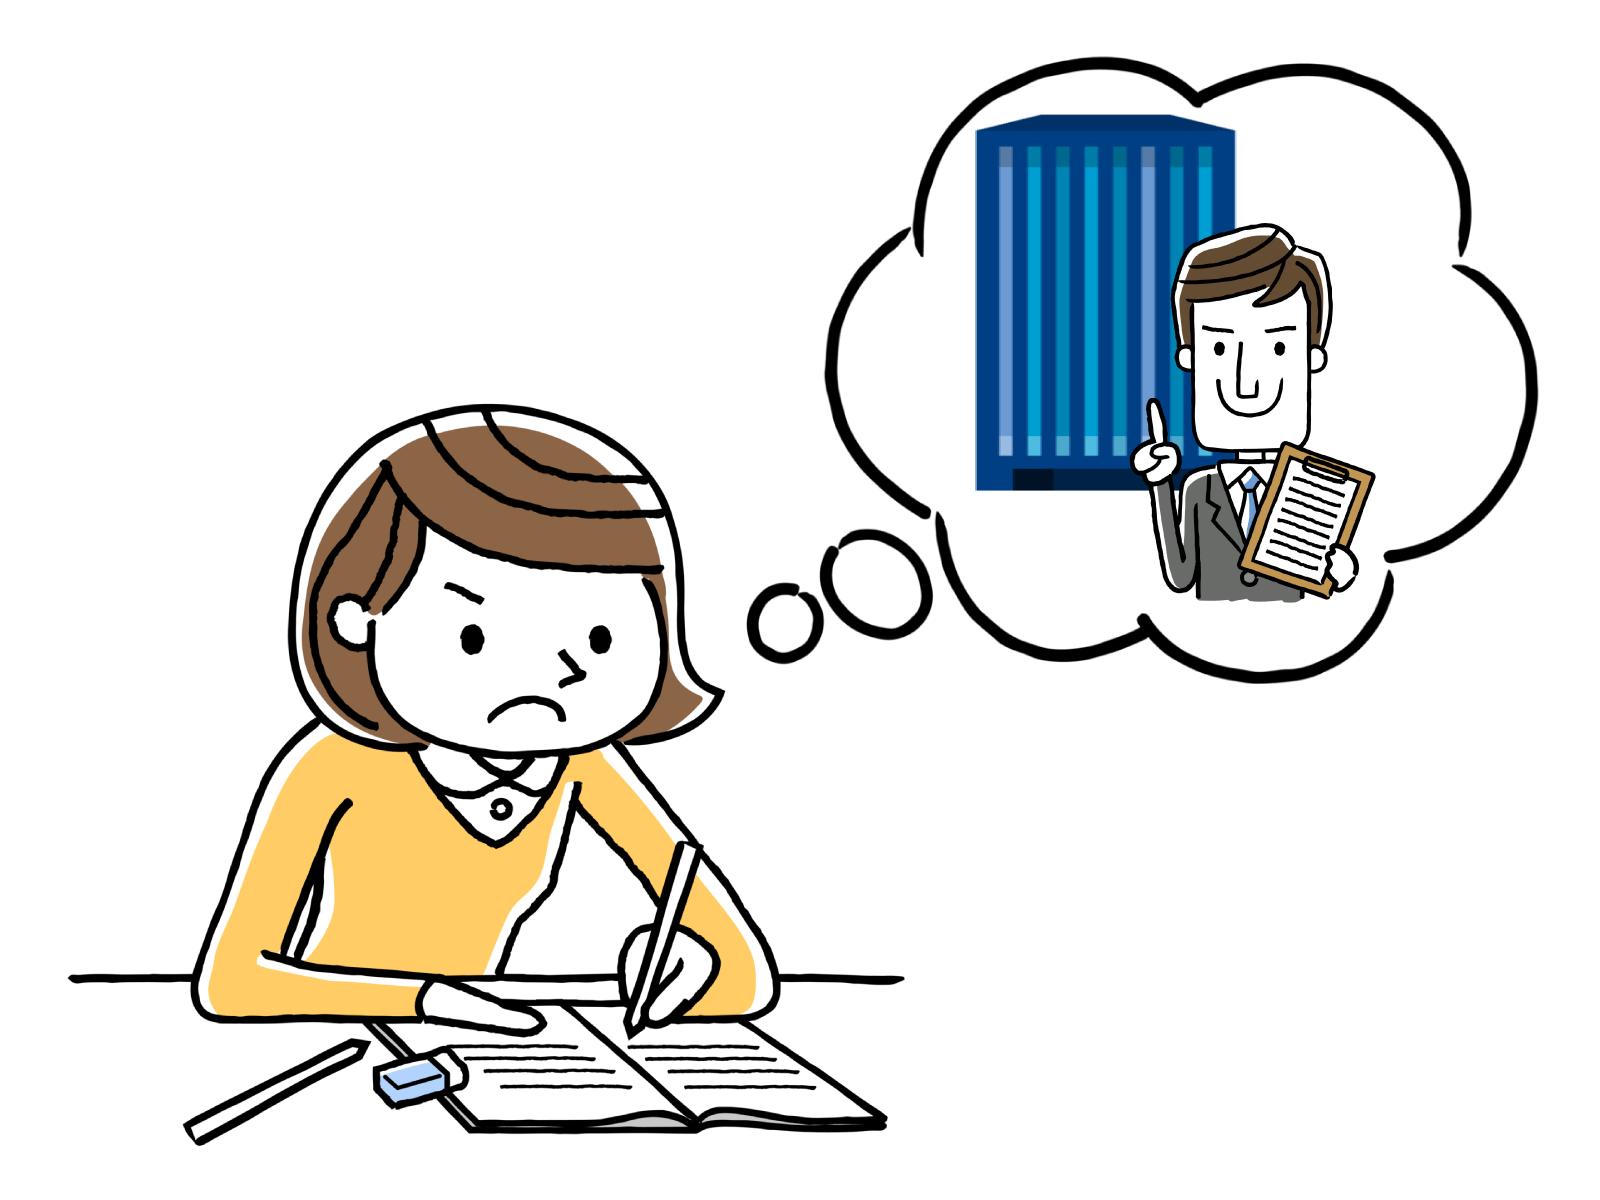 履歴書・職務経歴書の書き方のイメージイラスト